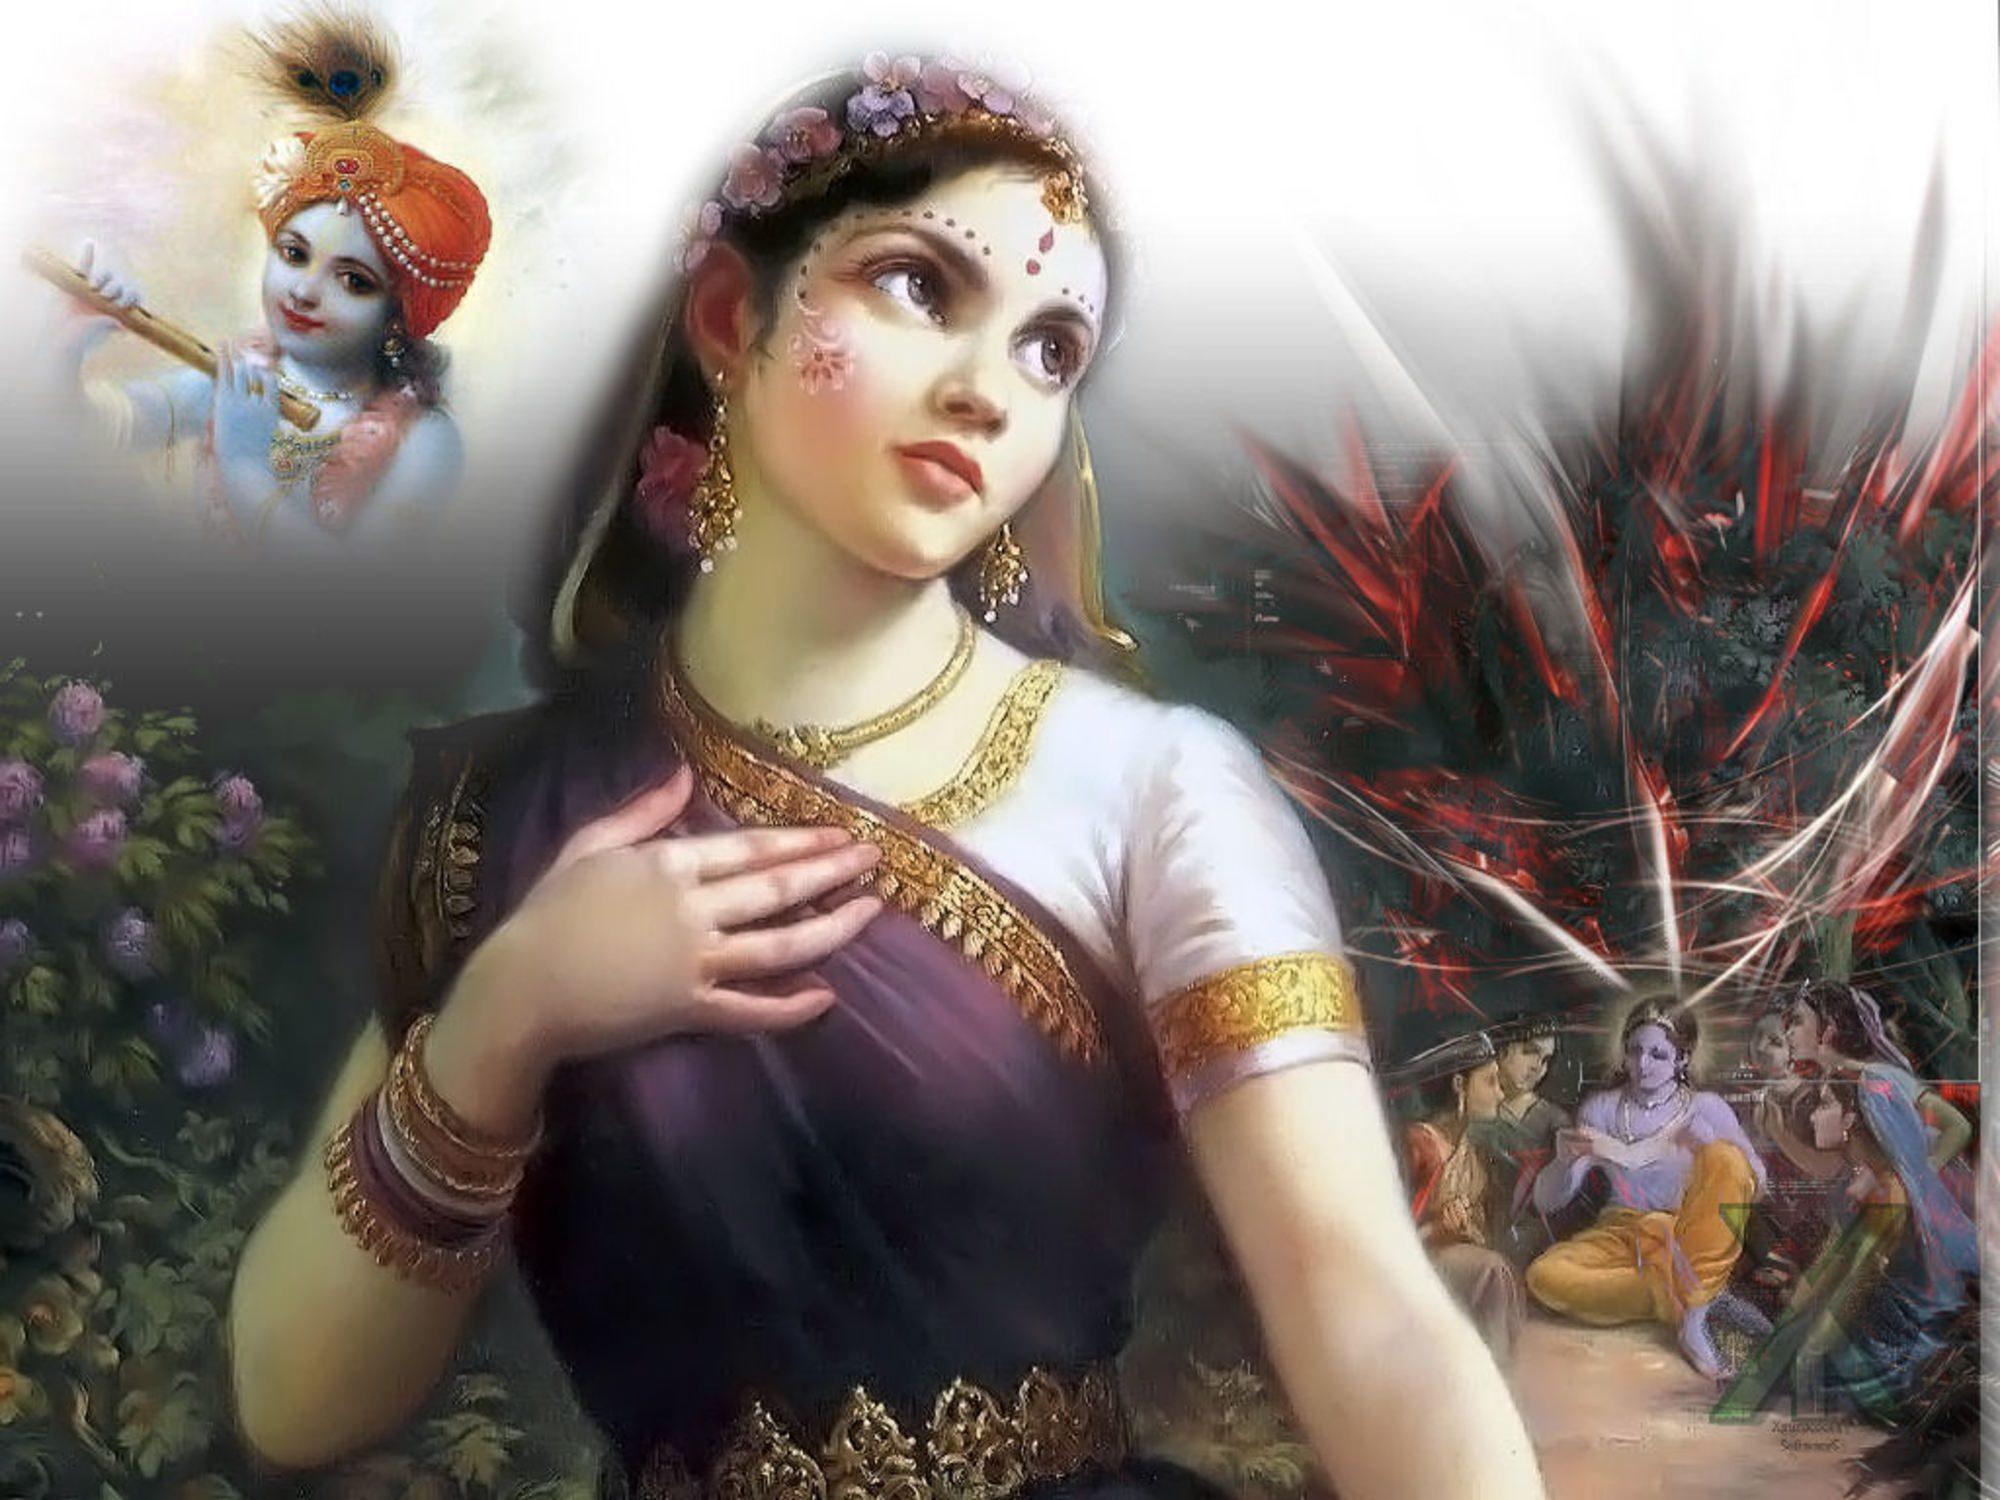 Védikus nőalakok, istennők a hinduizmusban